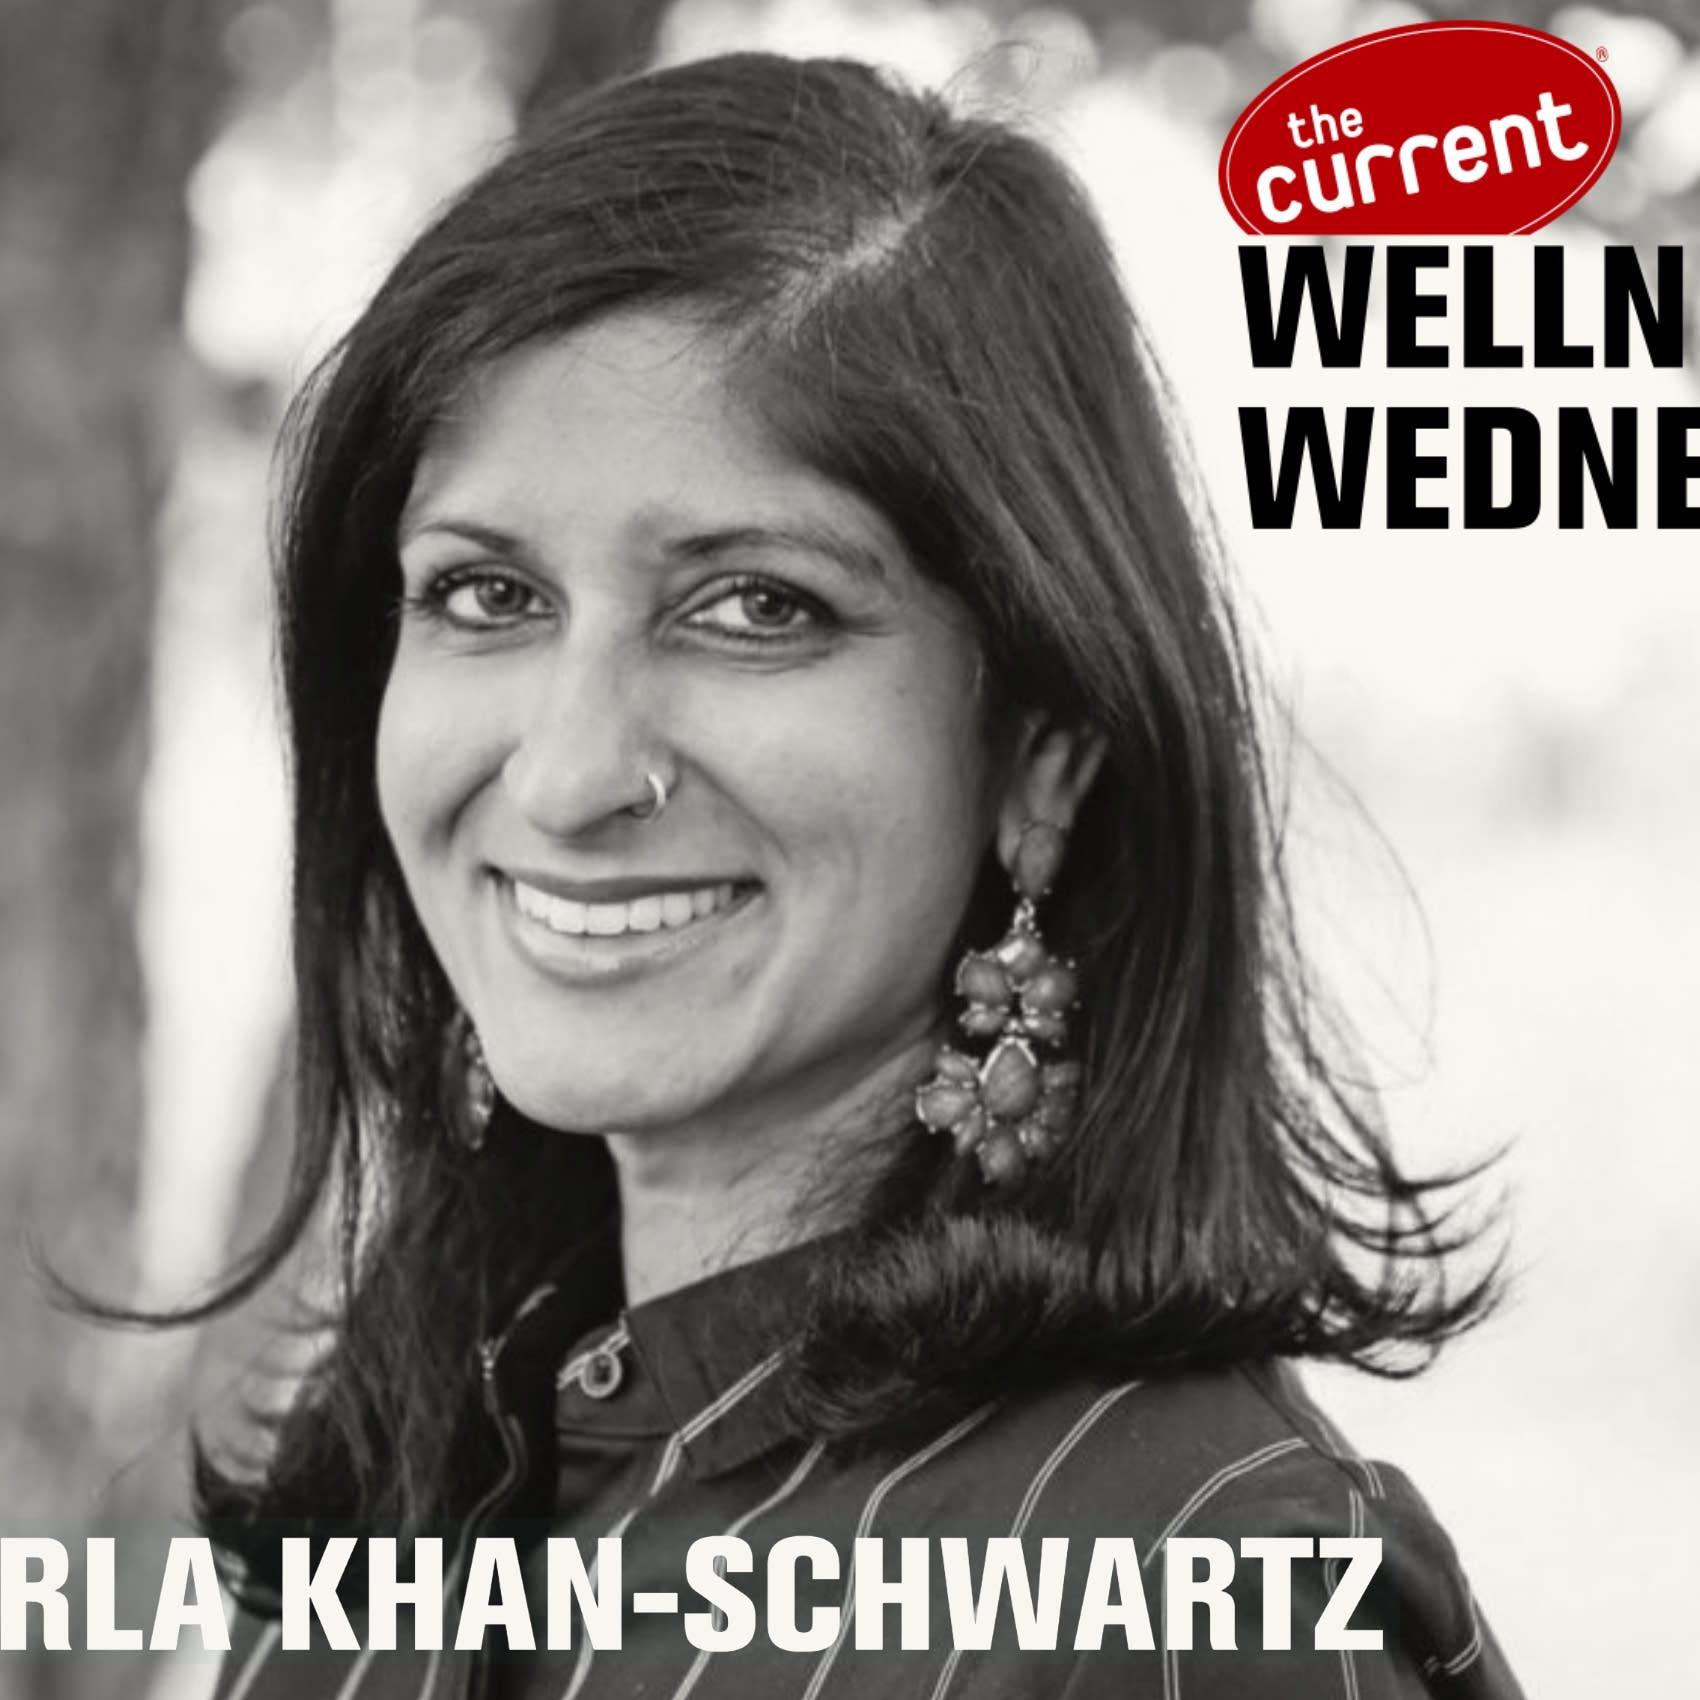 Marla Khan-Schwartz.